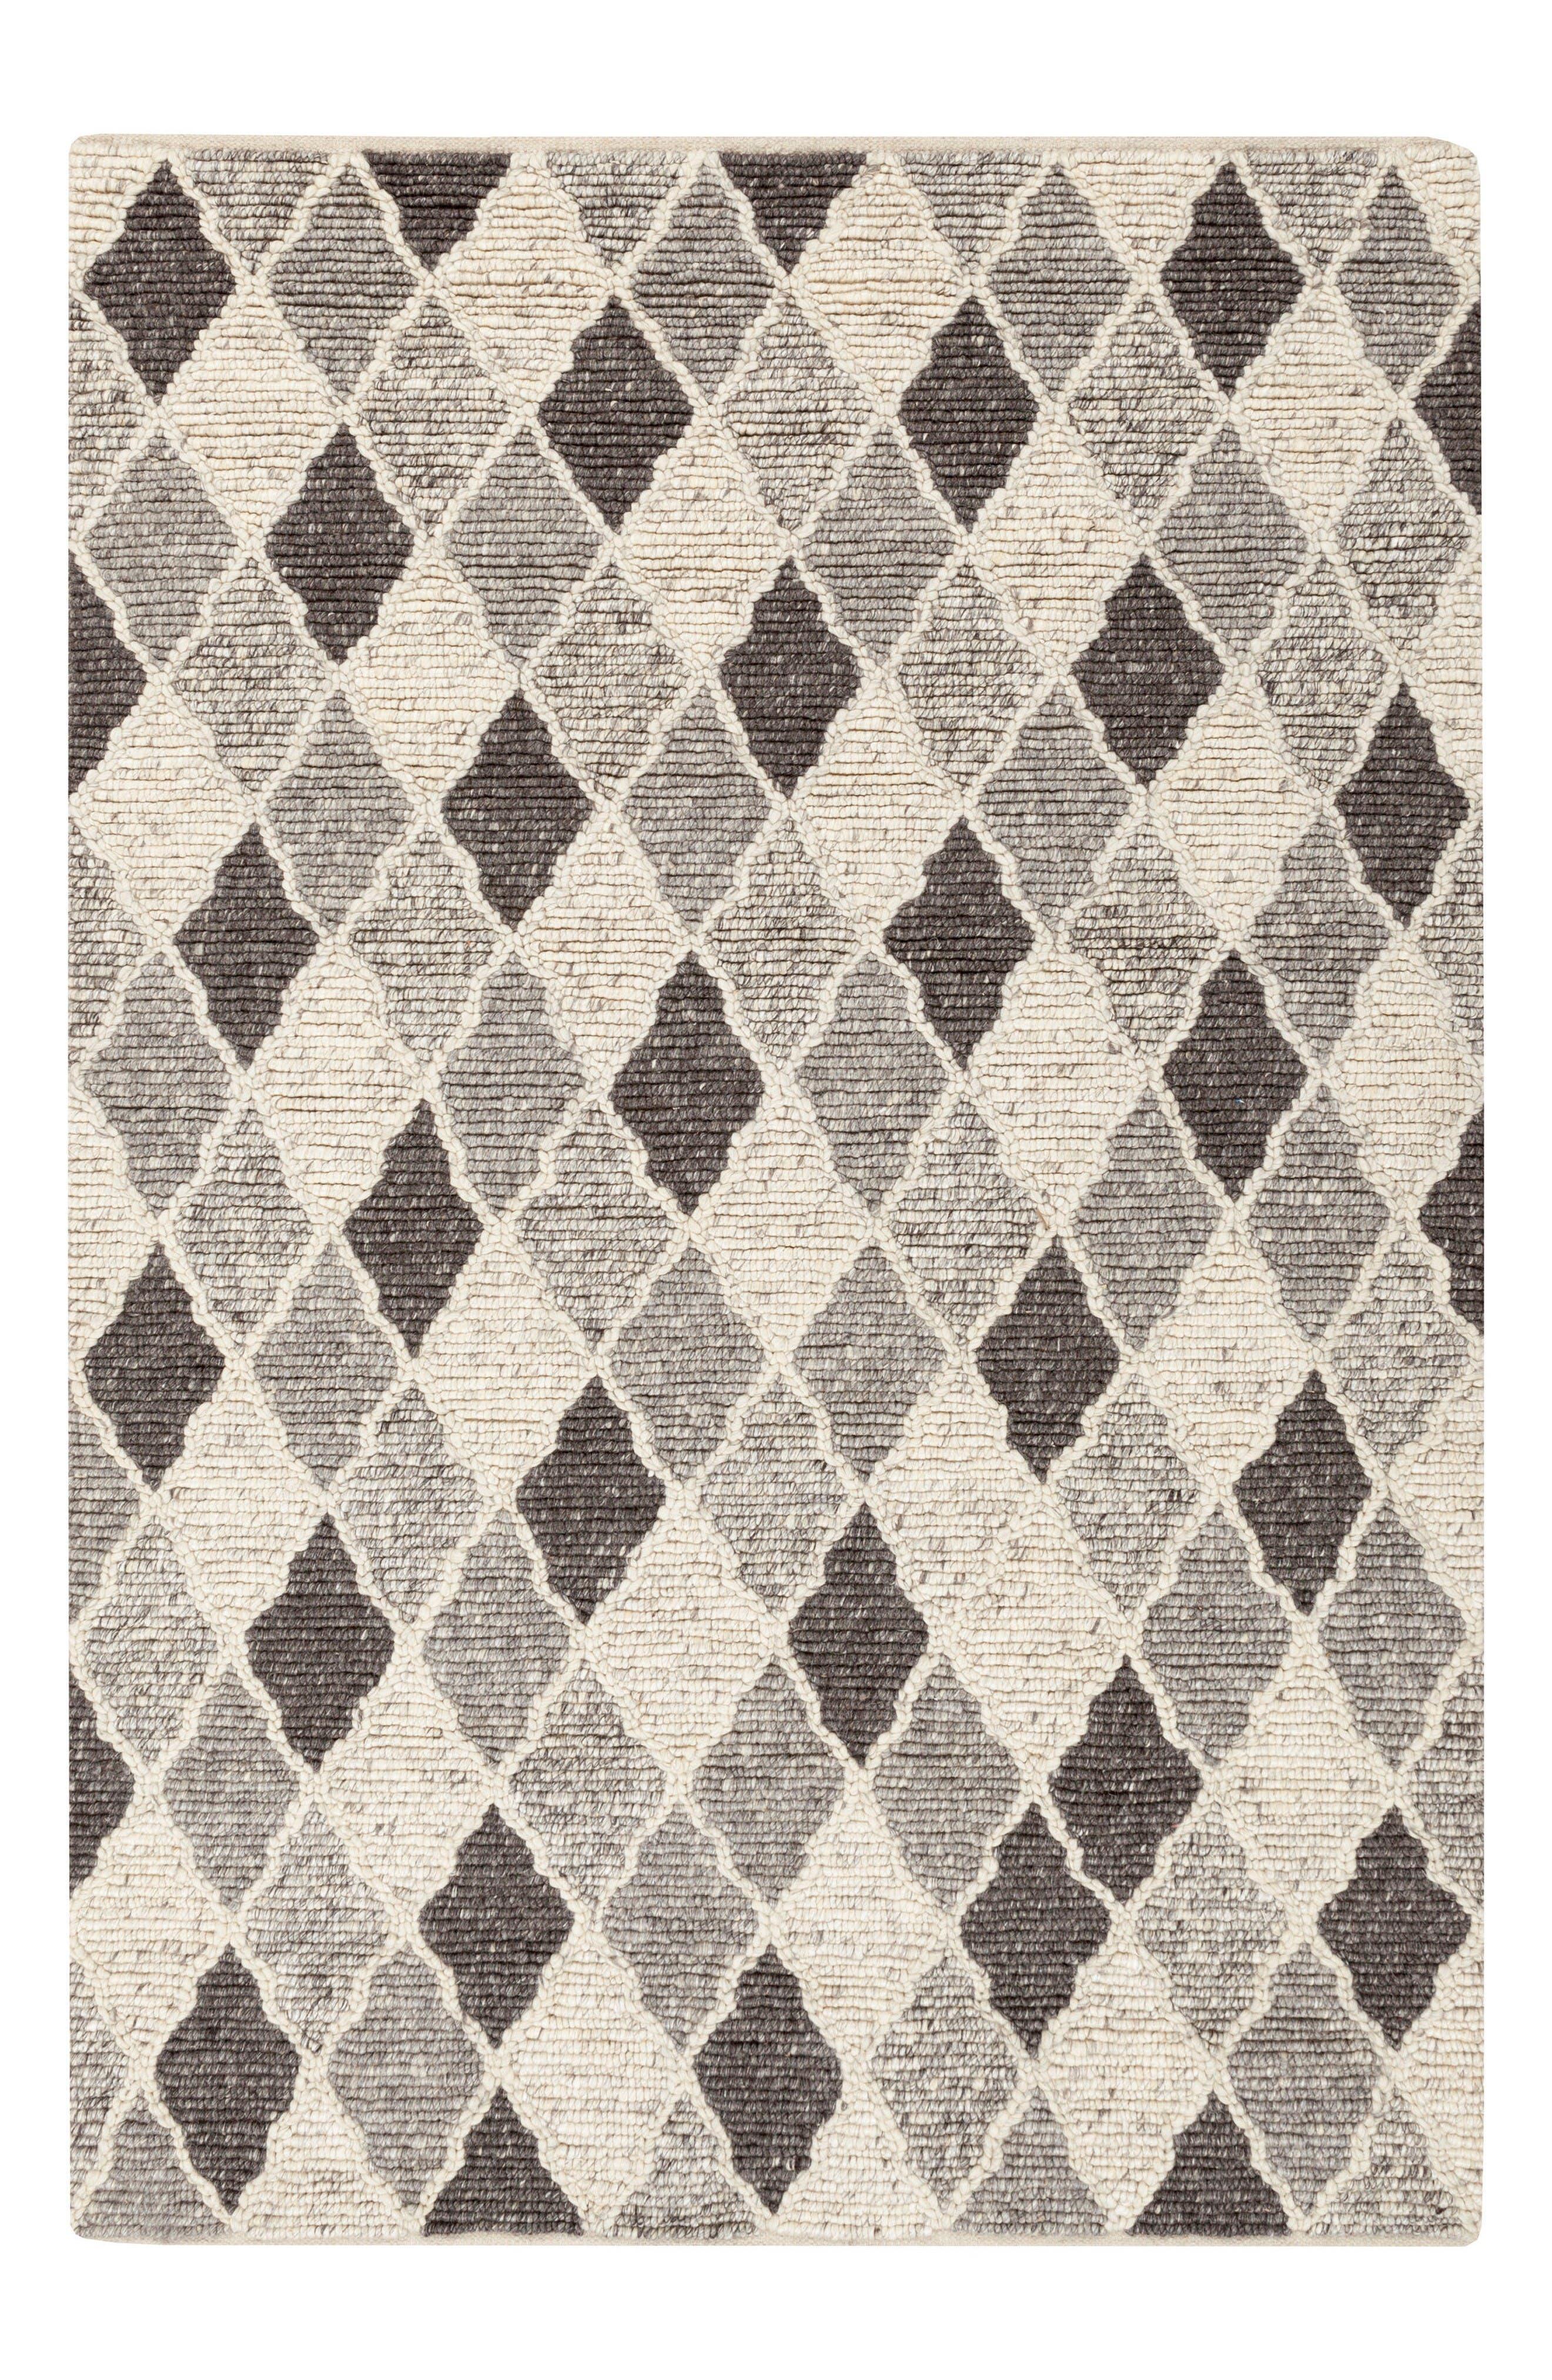 Alternate Image 1 Selected - Surya Home Nico Handwoven Shag Rug